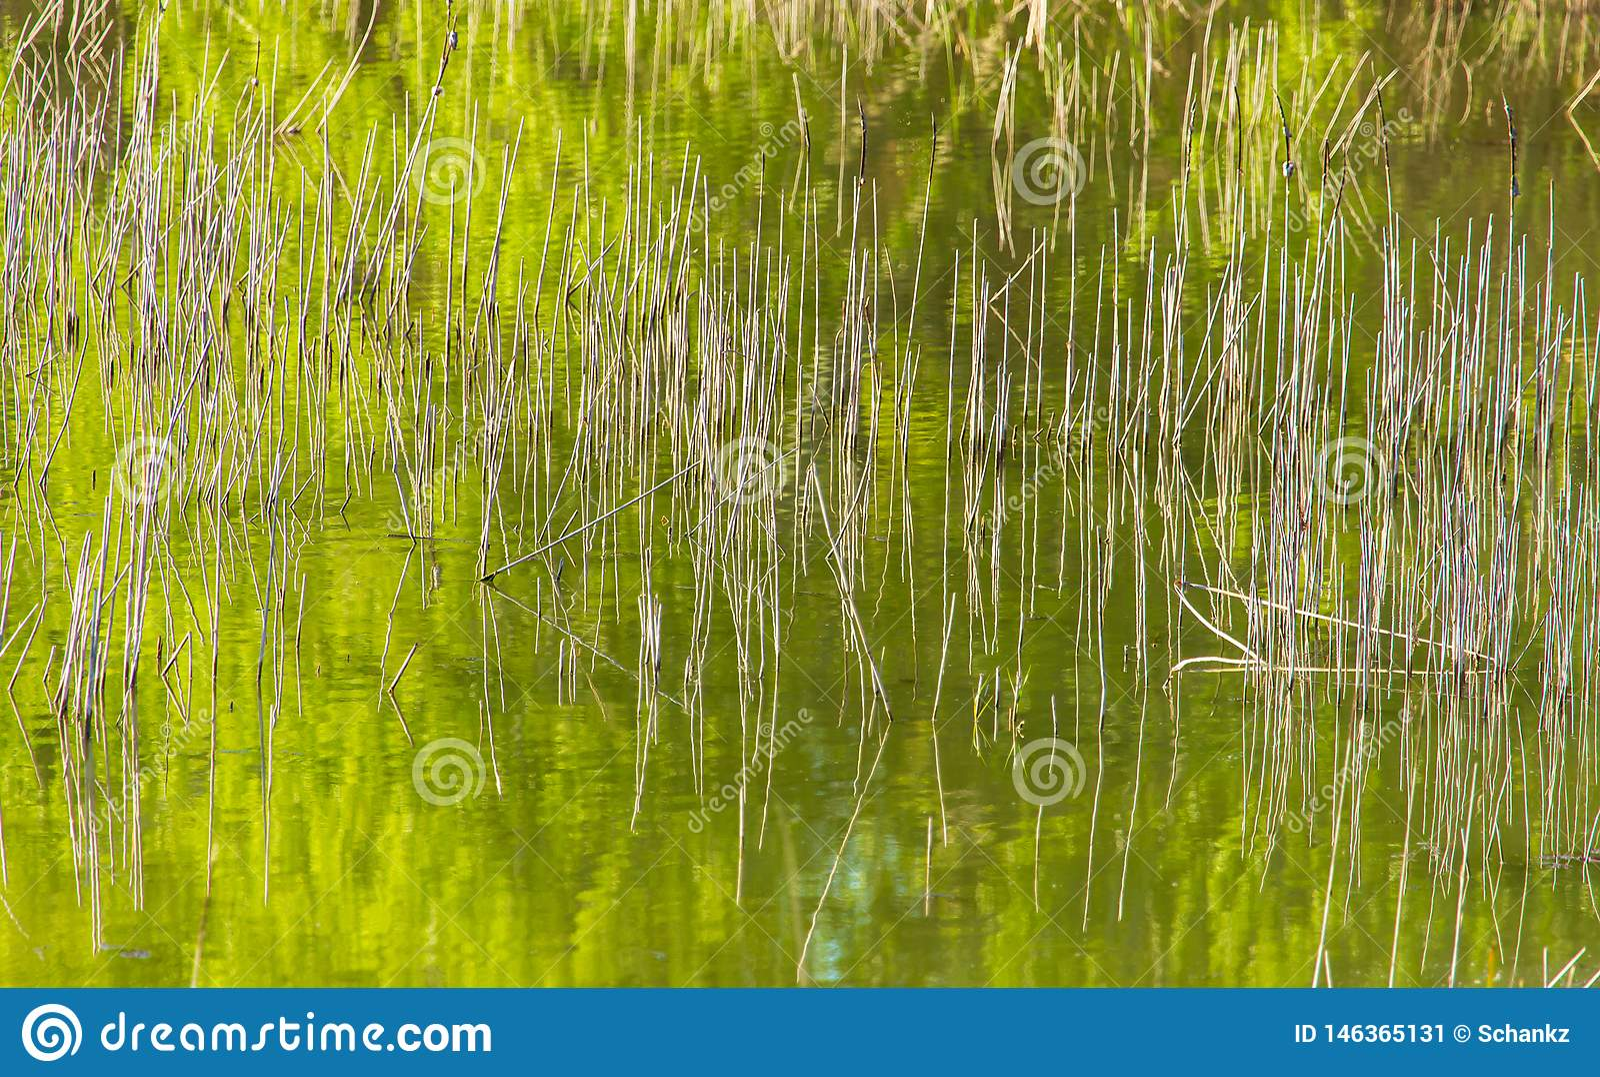 Reed w?chst im Teich als Hintergrund